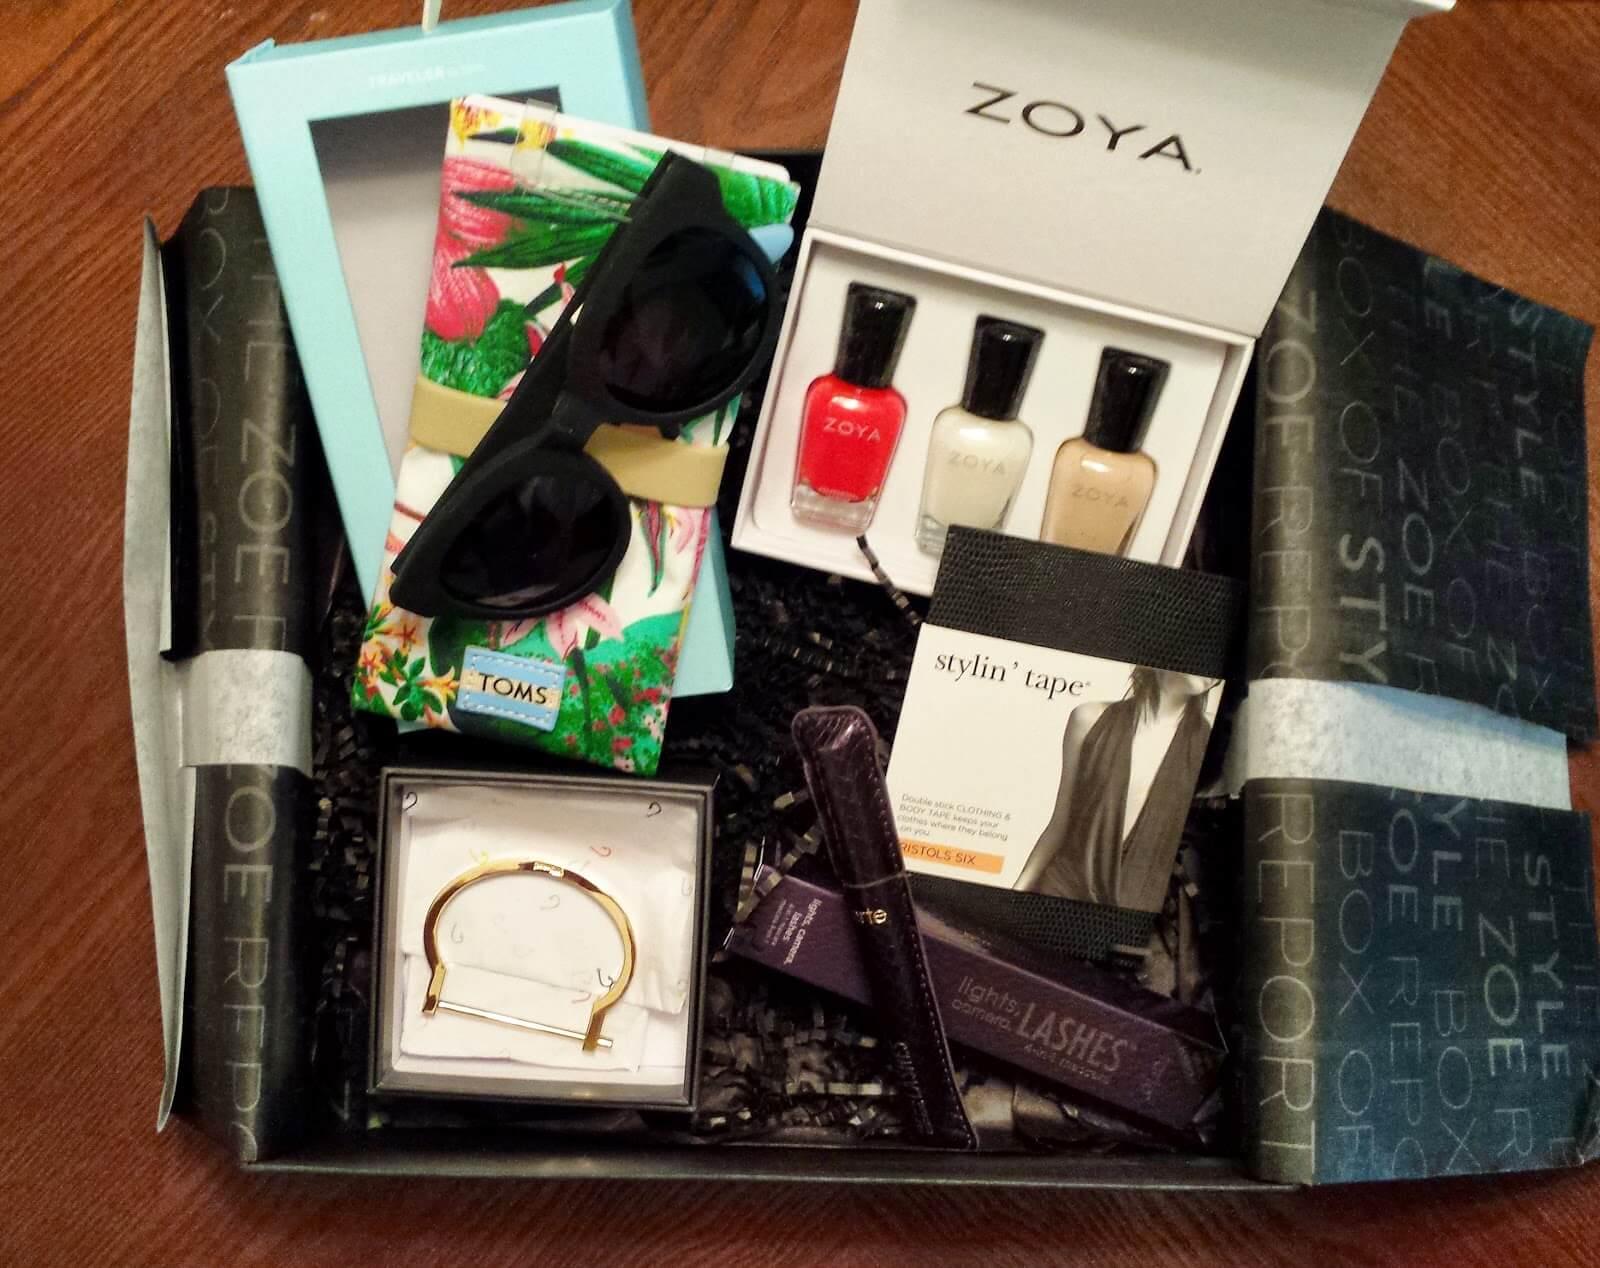 Box of Style by Rachel Zoe